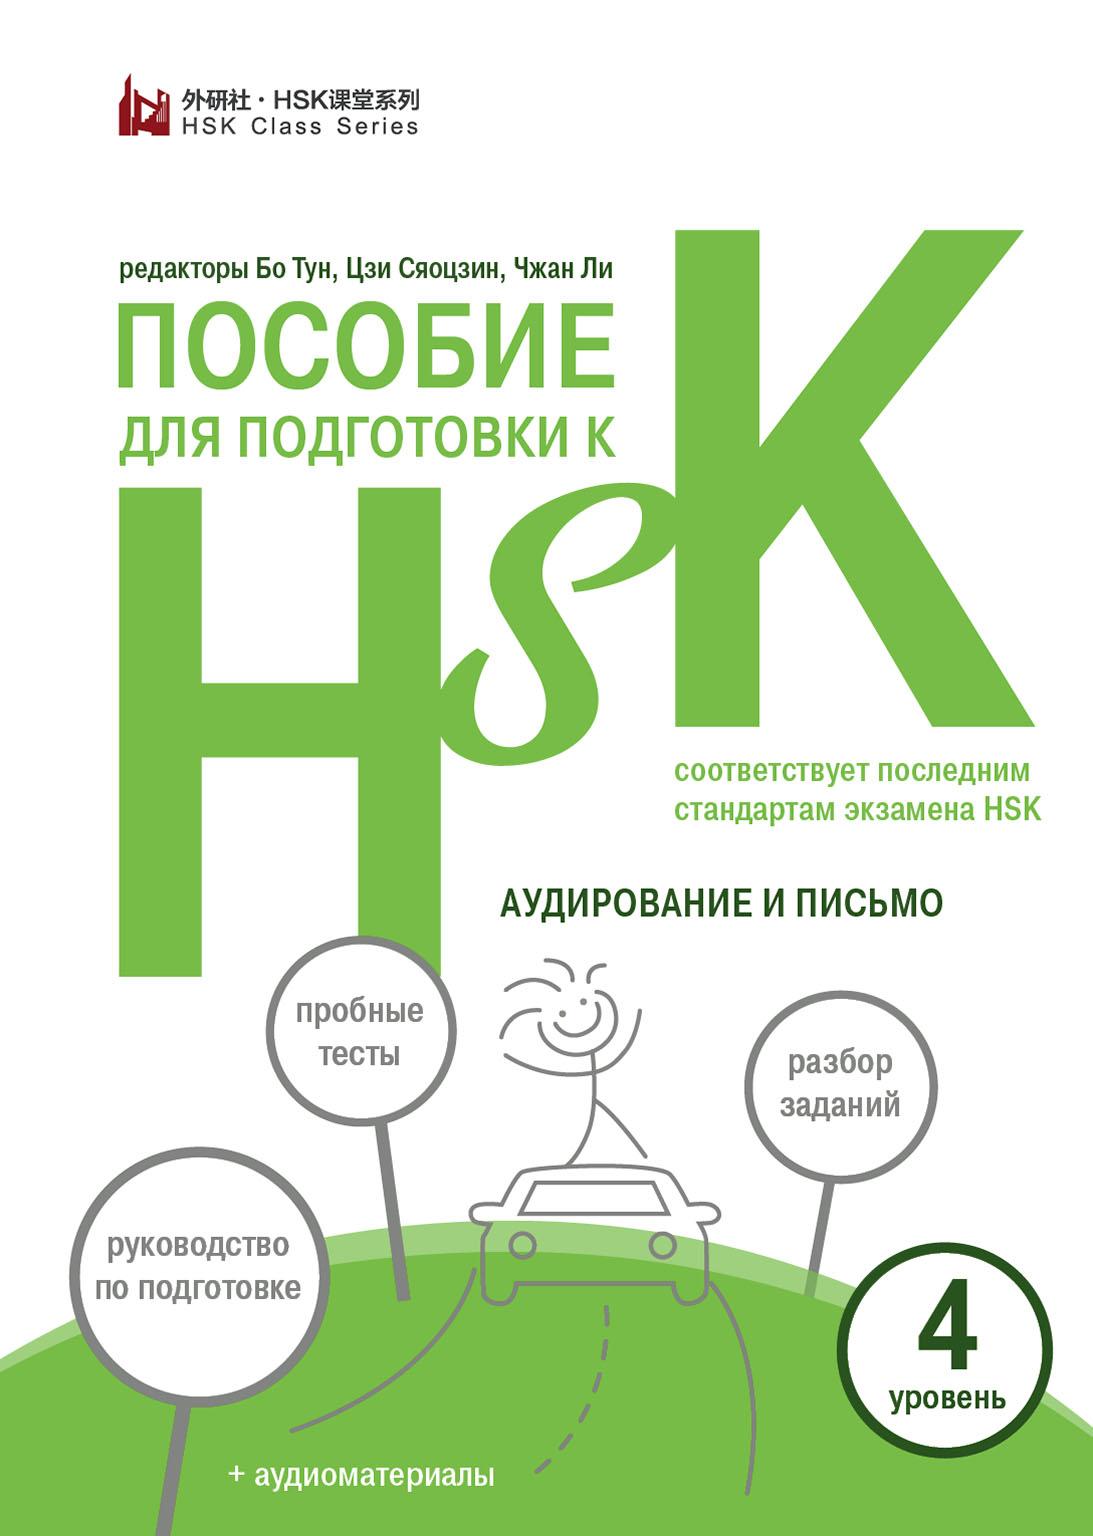 Купить книгу Пособие для подготовки к HSK. 4 уровень. Аудирование и письмо, автора